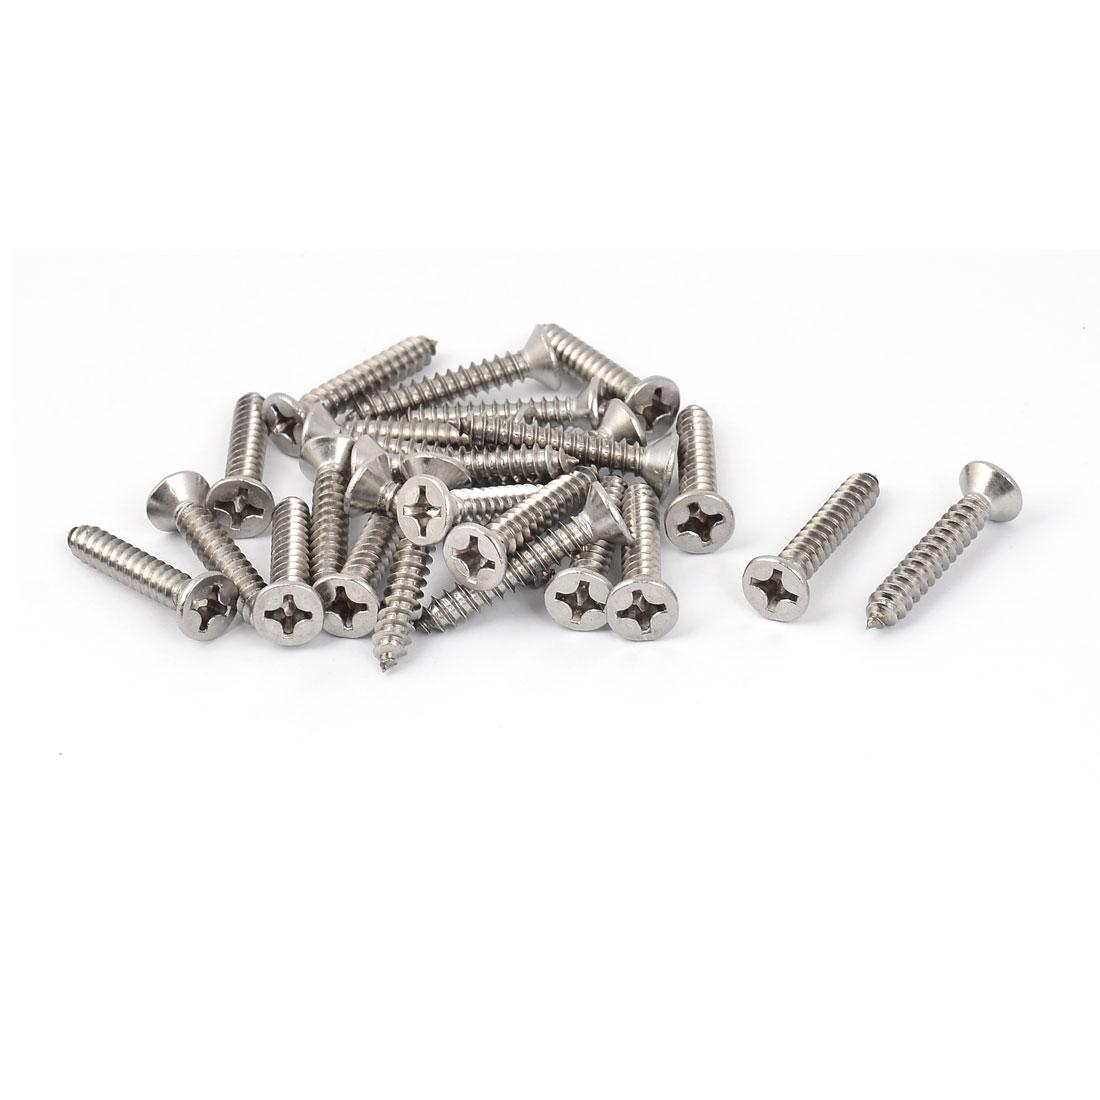 M5.5 x 32mm Flat Head Phillips Self Tapping Screw Fasteners Silver Tone 25 Pcs